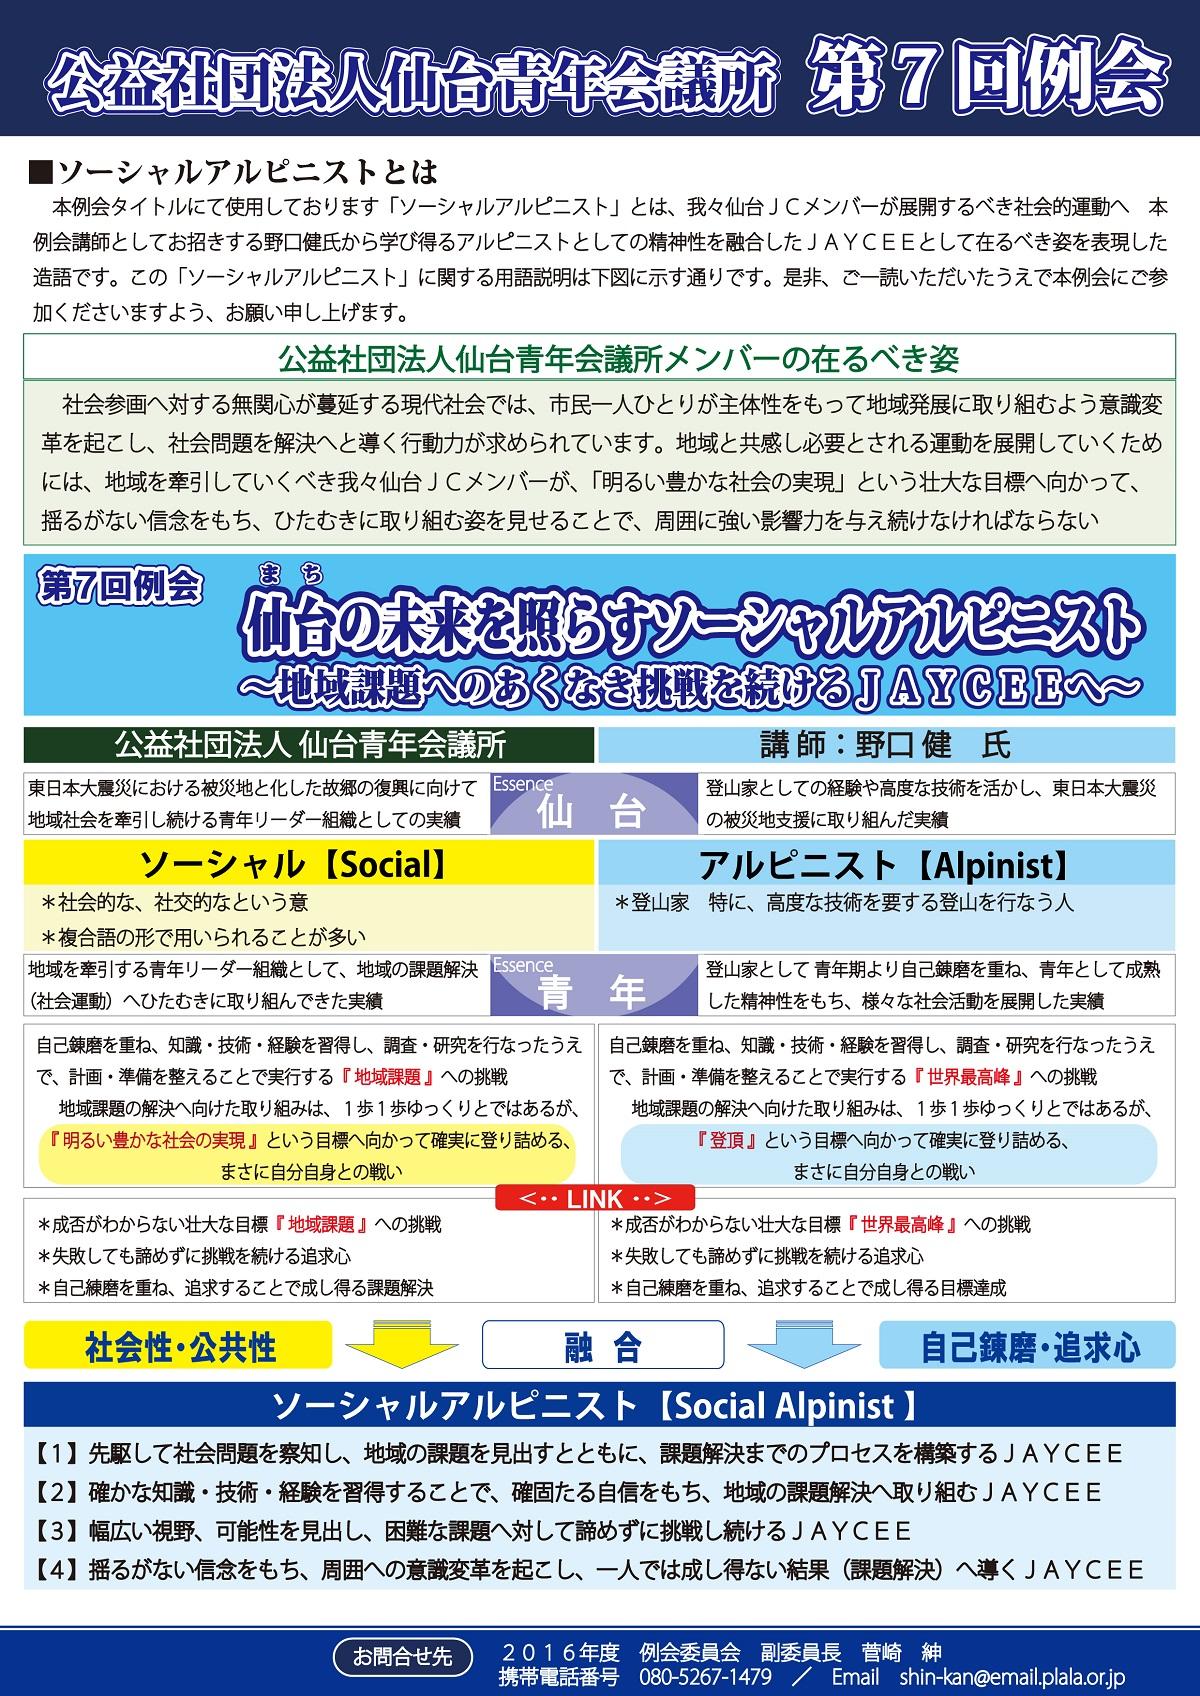 【16'例会】広報_告知/第7回例会_告知チラシ(裏面)